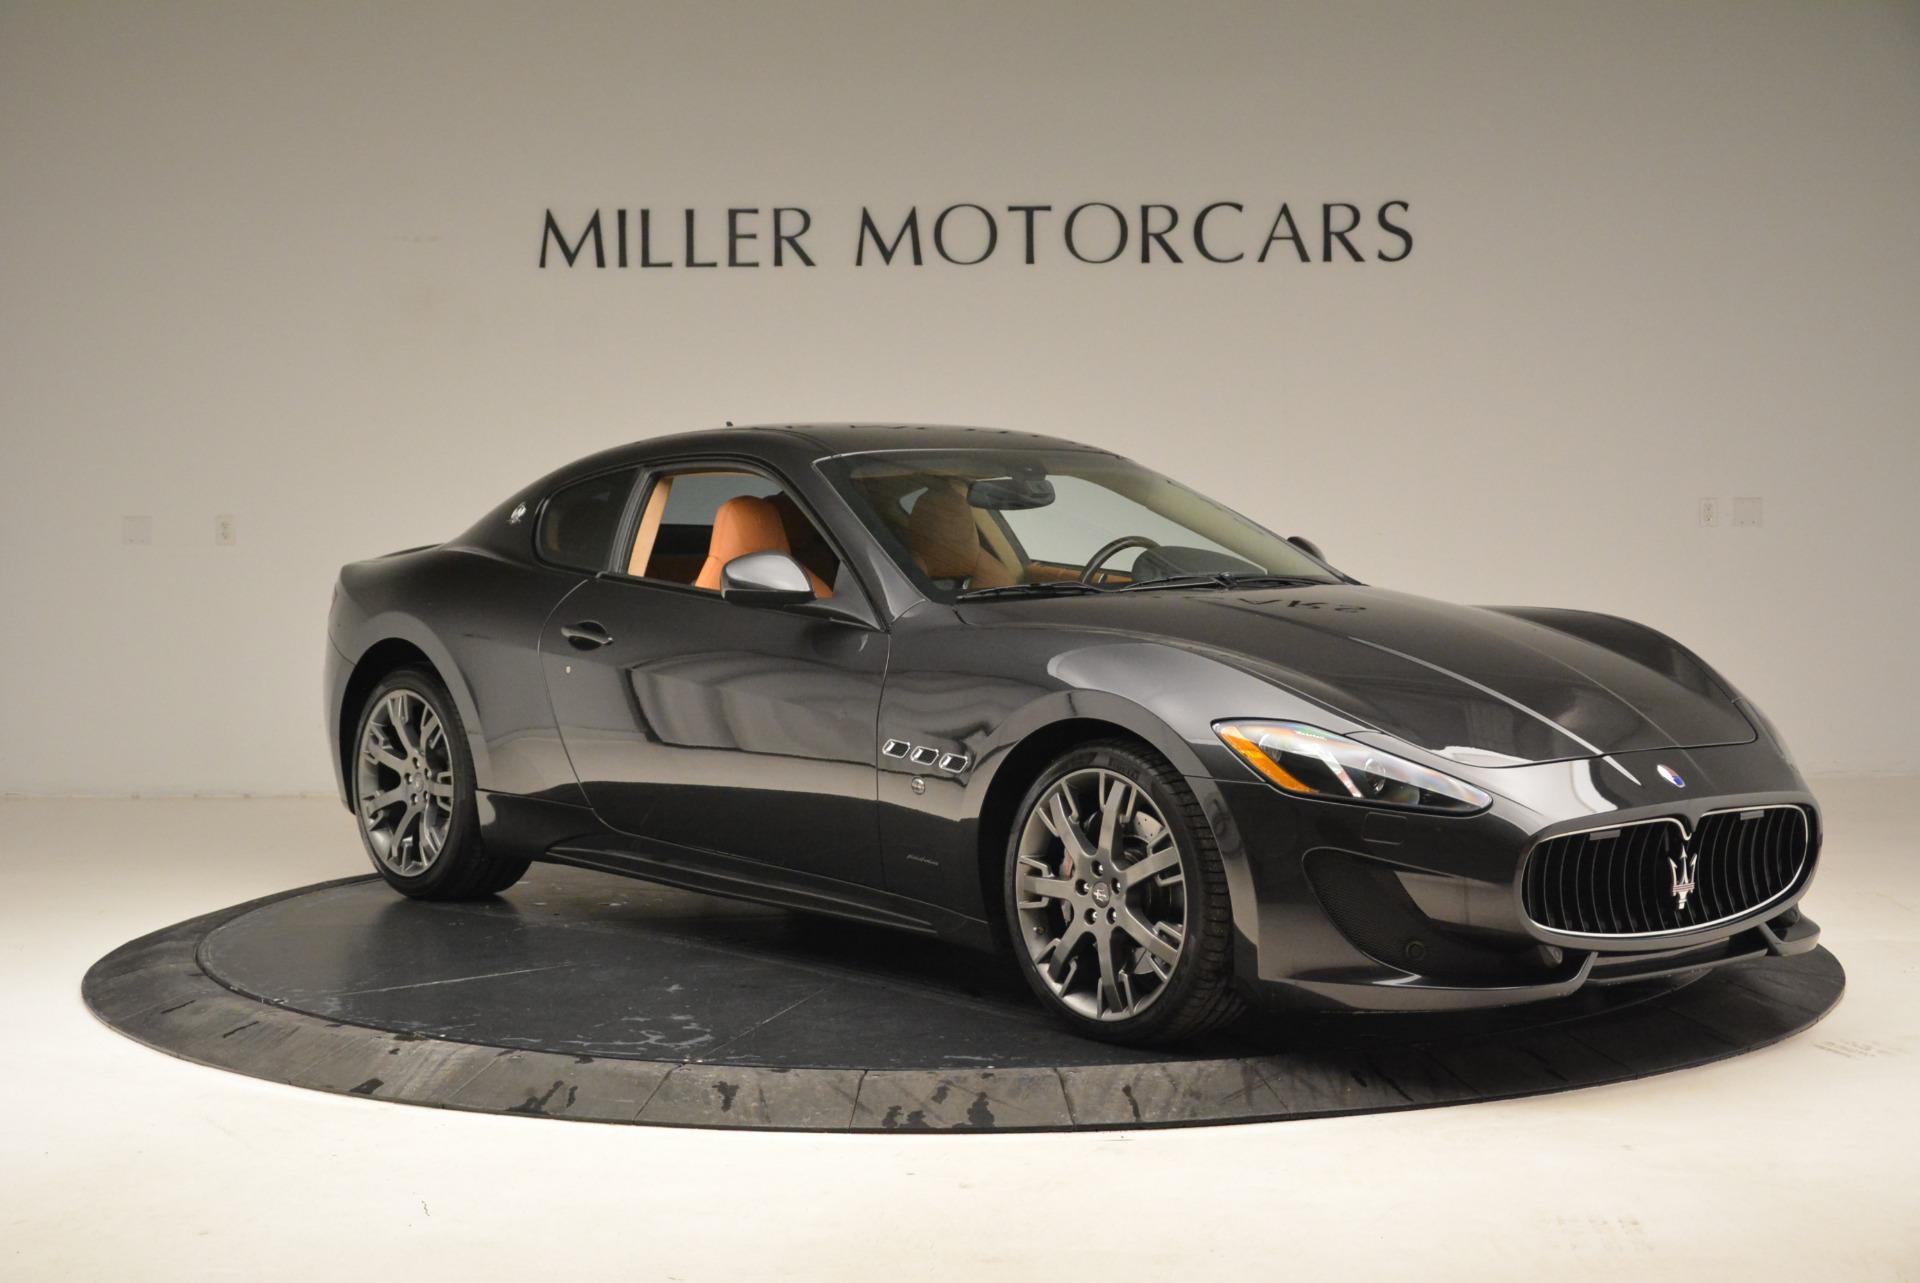 Used 2014 Maserati GranTurismo Sport For Sale In Greenwich, CT 2067_p9